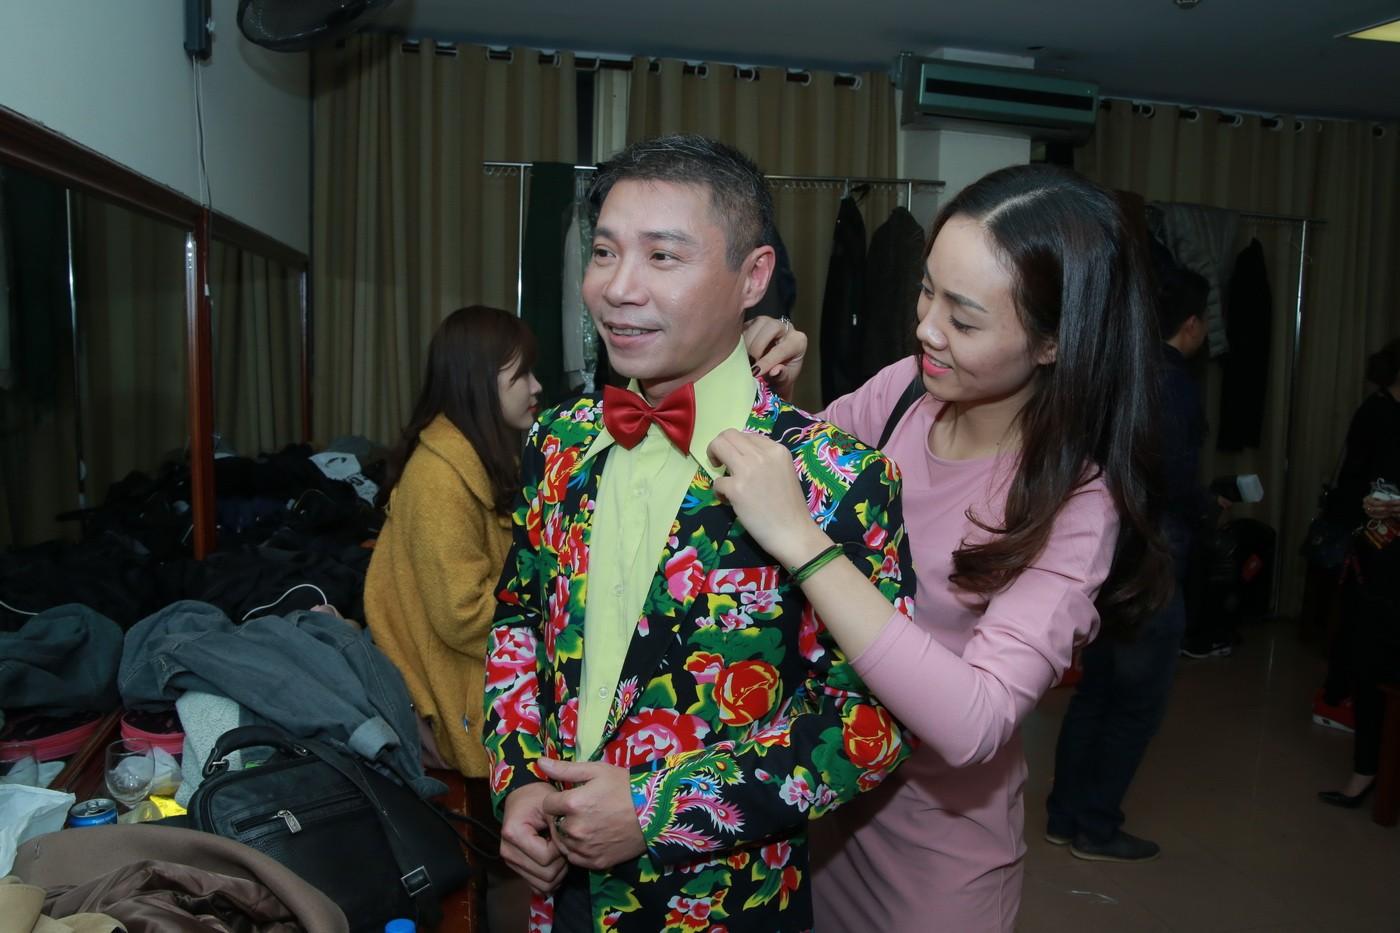 Lộ ảnh NSƯT Công Lý được bạn gái sửa trang phục trong hậu trường Tết vạn lộc 1